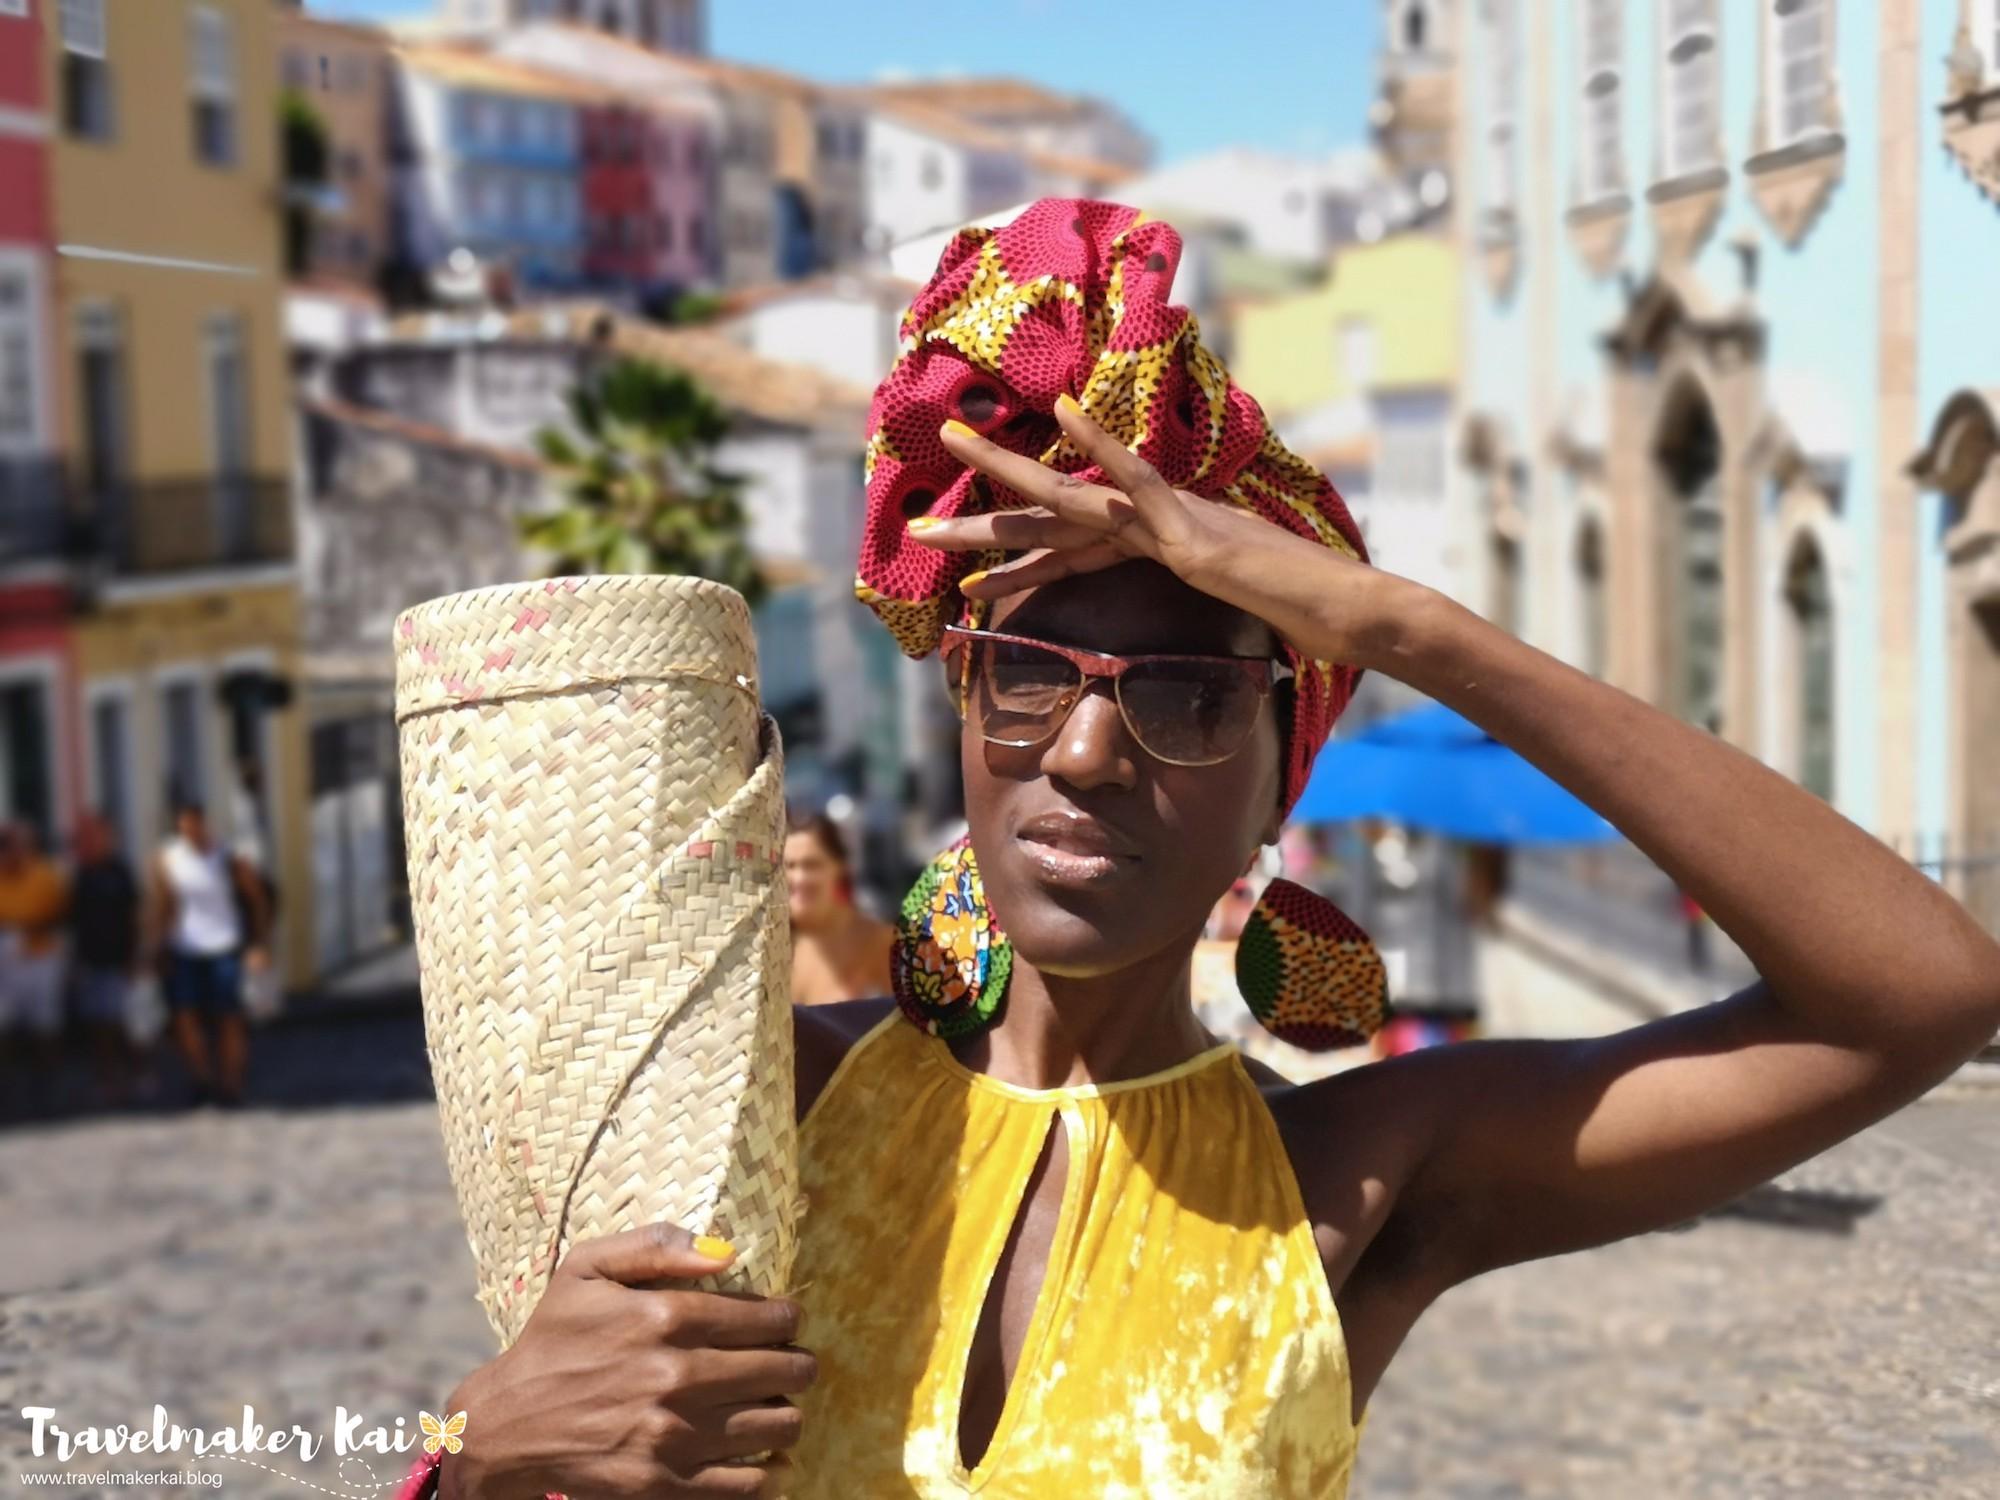 Travelmakerkai | Pelourinho Salvador.jpg